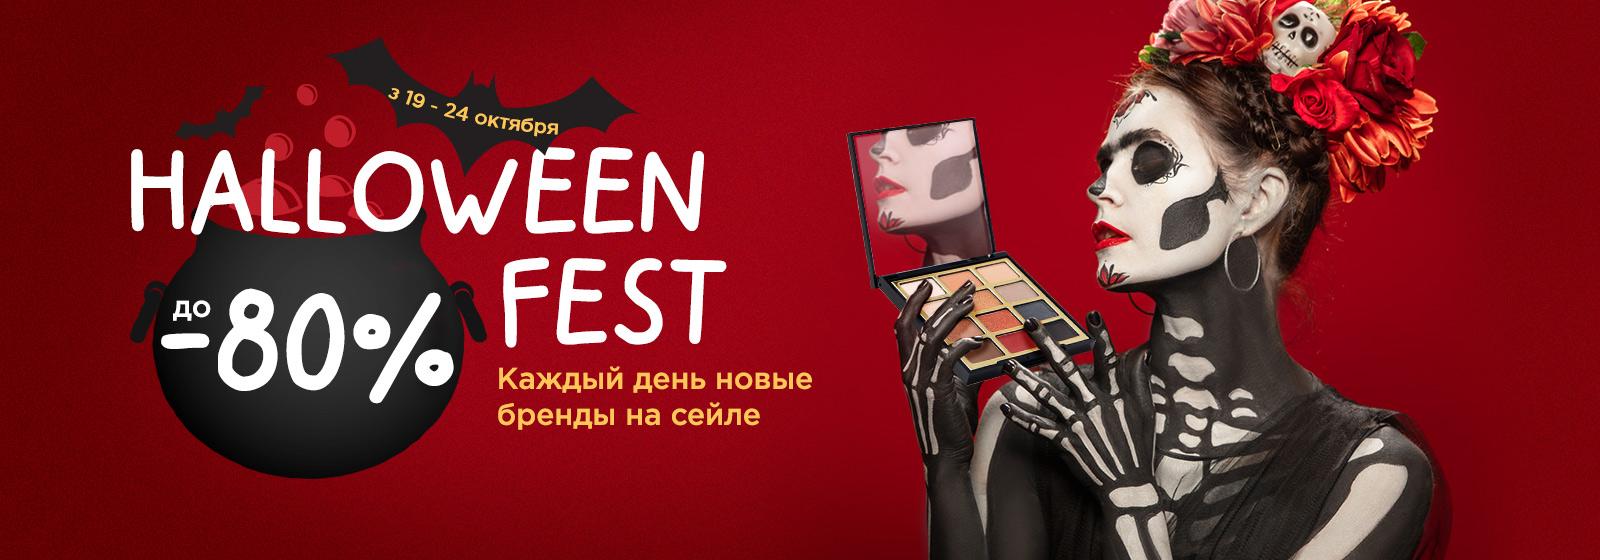 Halloween Fest! Скидки до -80% каждый день новые бренды на сейле